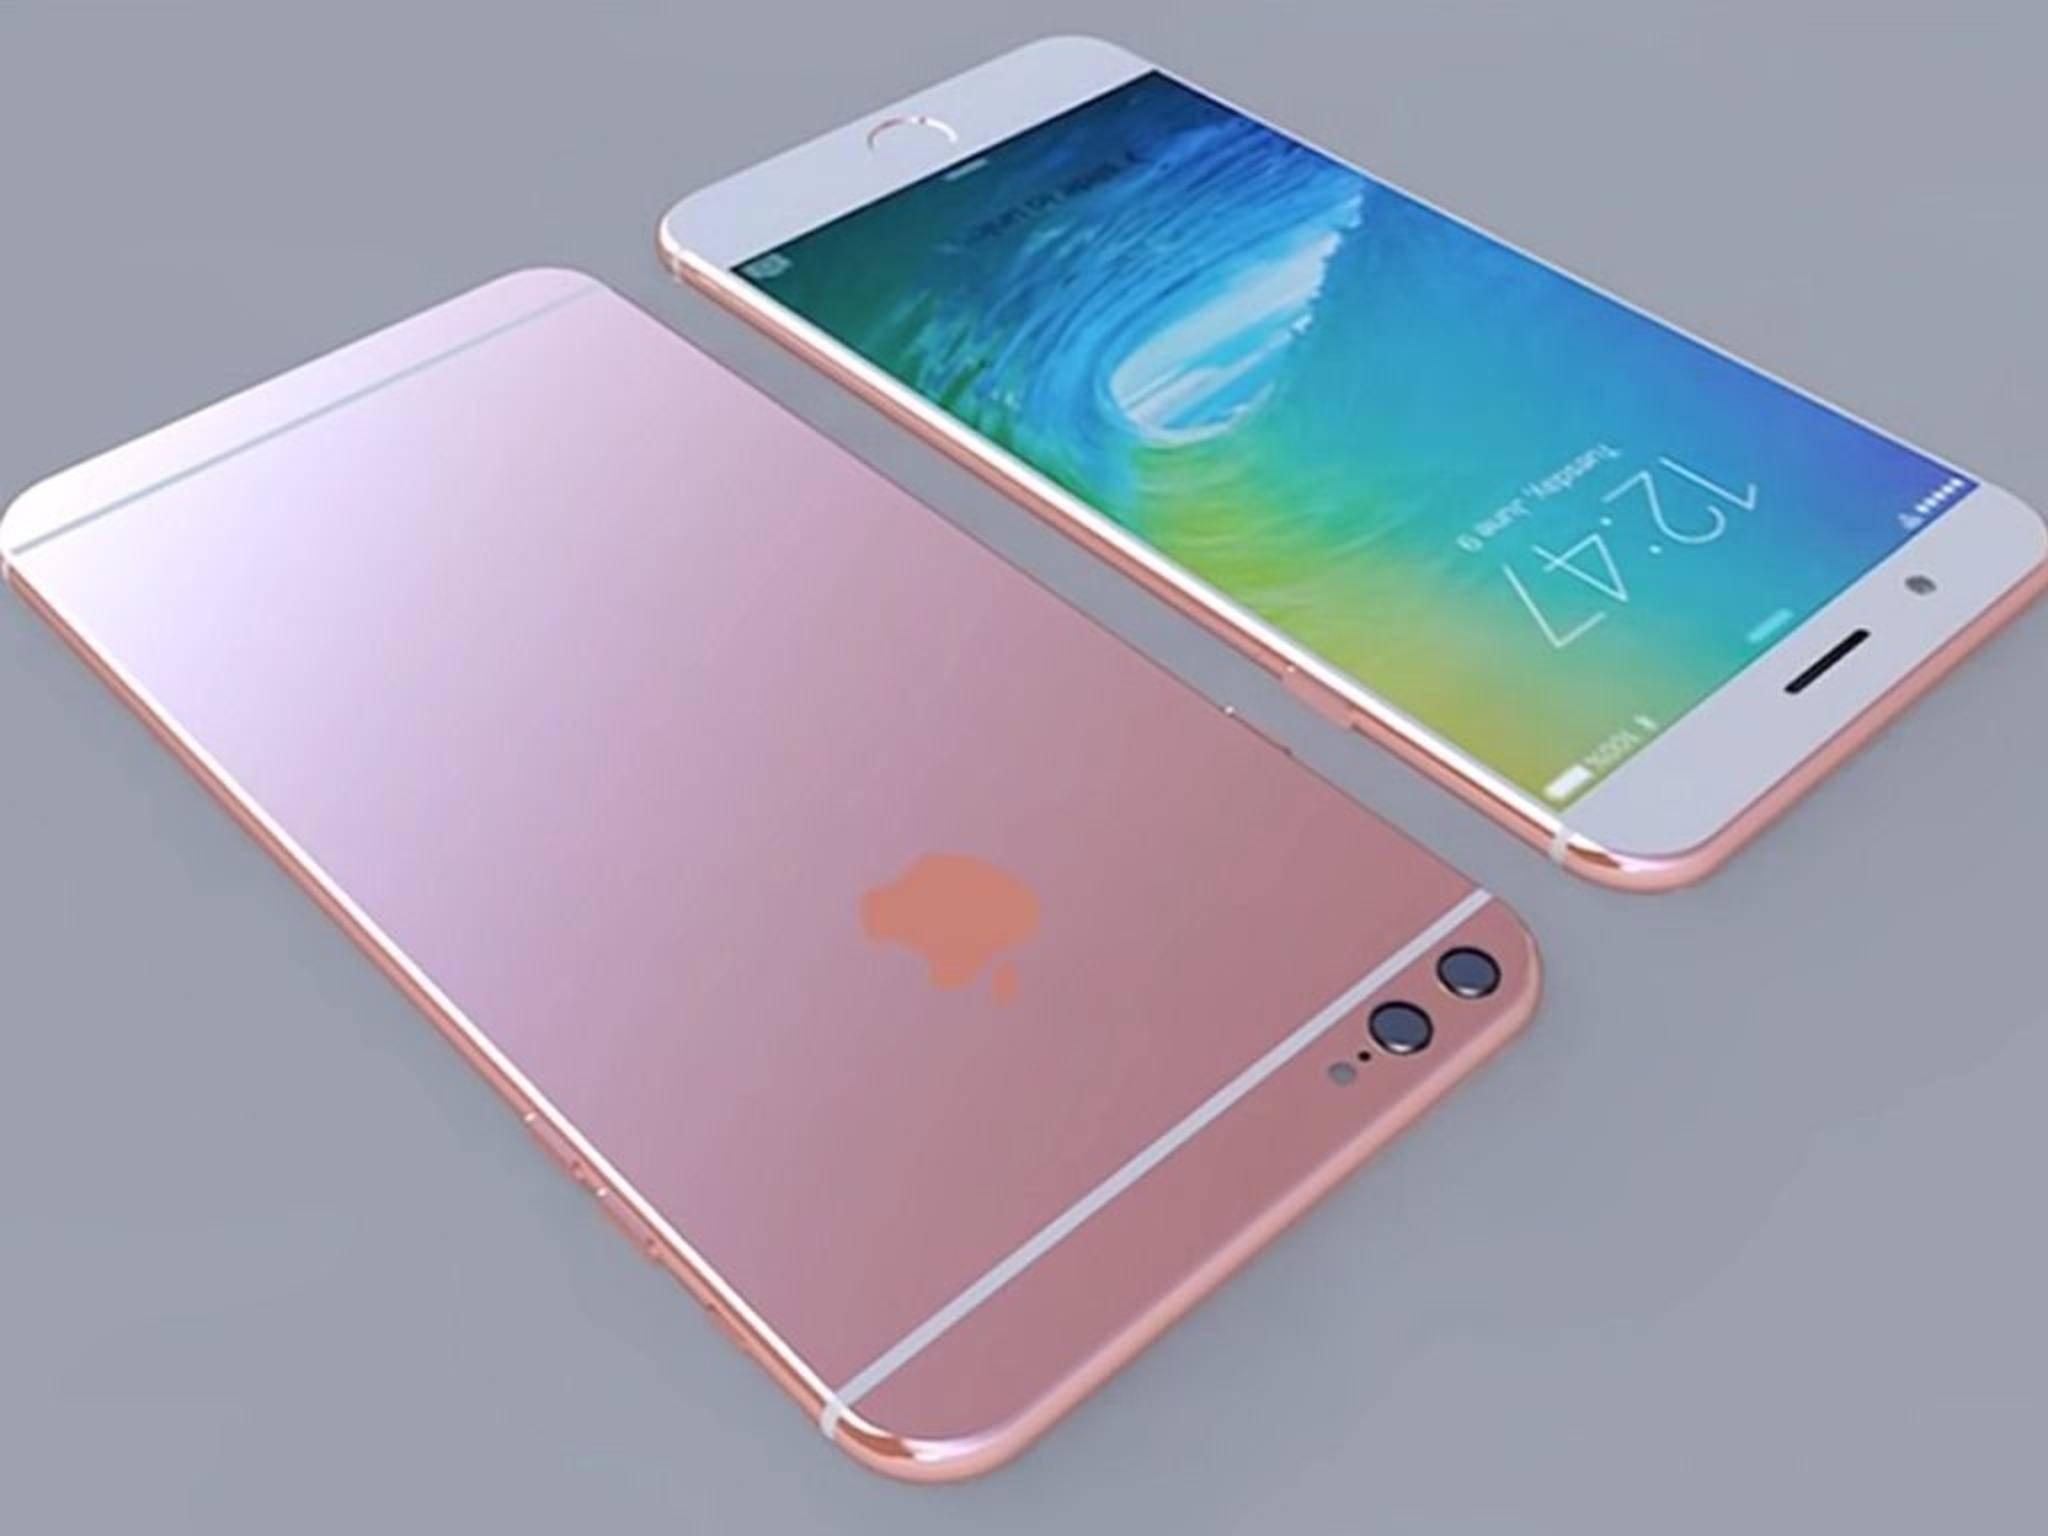 Auch die Optik des iPhone 6s ist noch ein gut gehütetes Geheimnis.